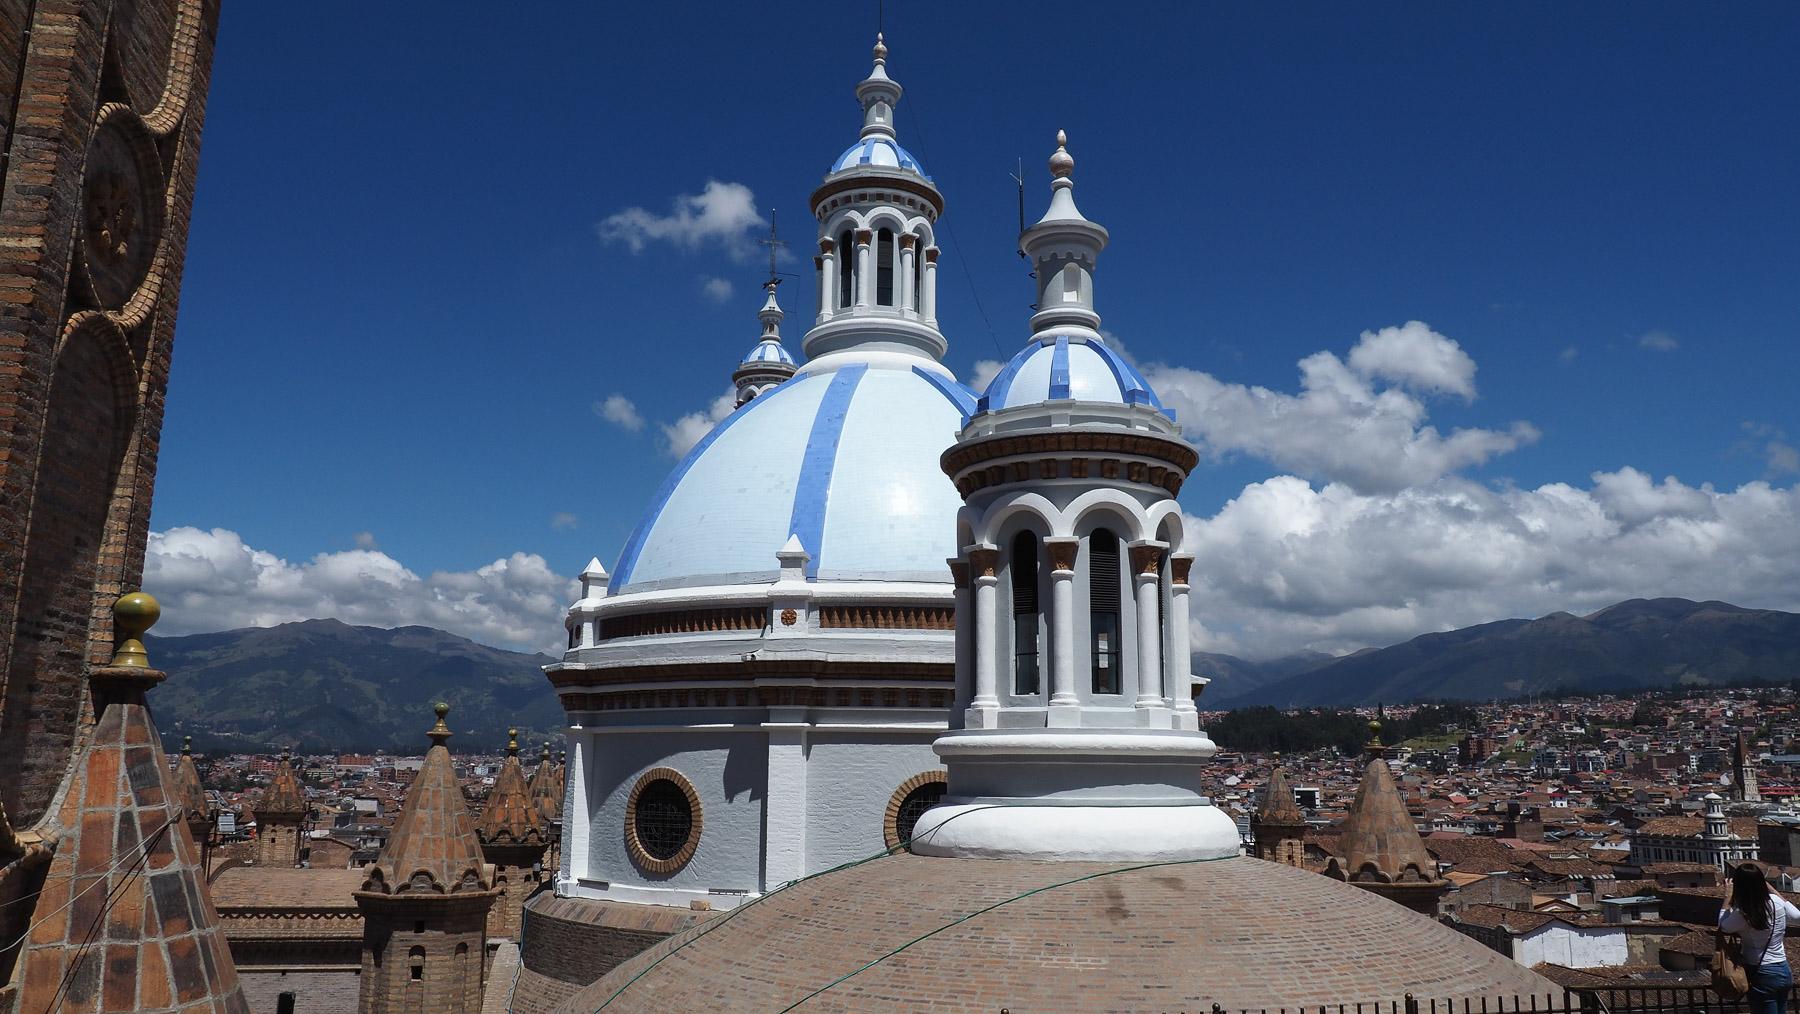 Auf dem Dach der Kathedrale in Cuenca